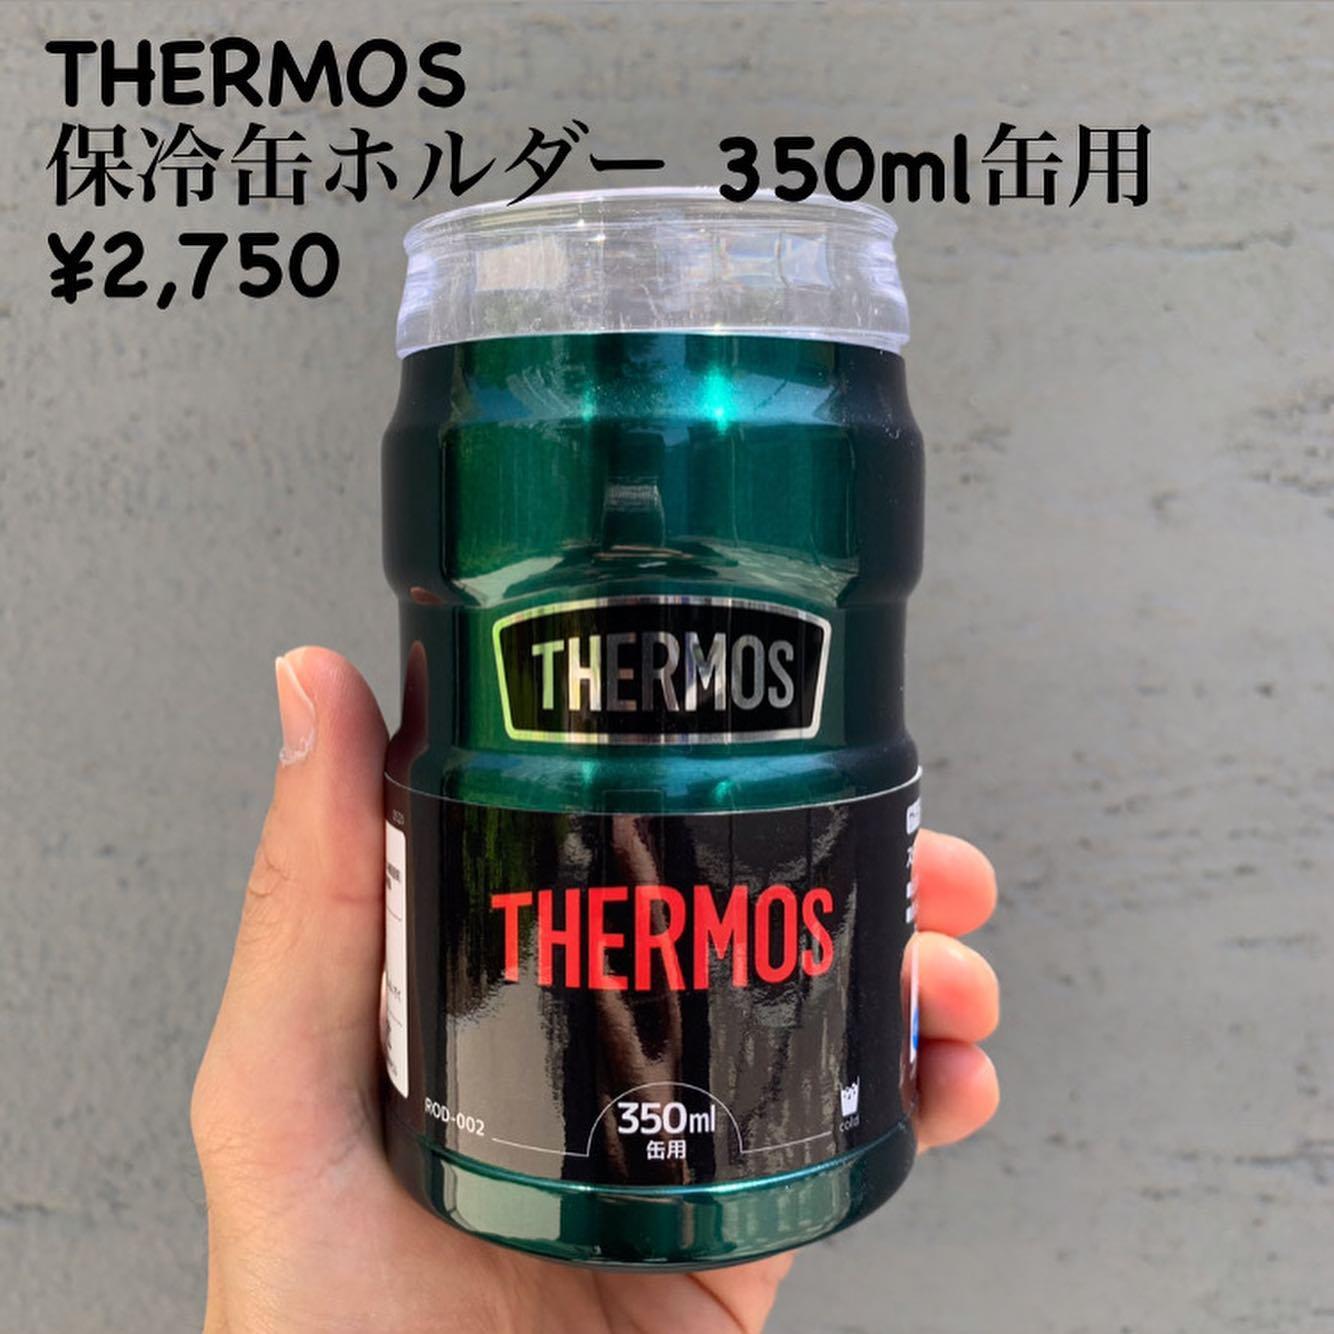 缶飲料のおいしい温度をキープ『THERMOS 保冷缶ホルダー 350ml缶用』のご紹介